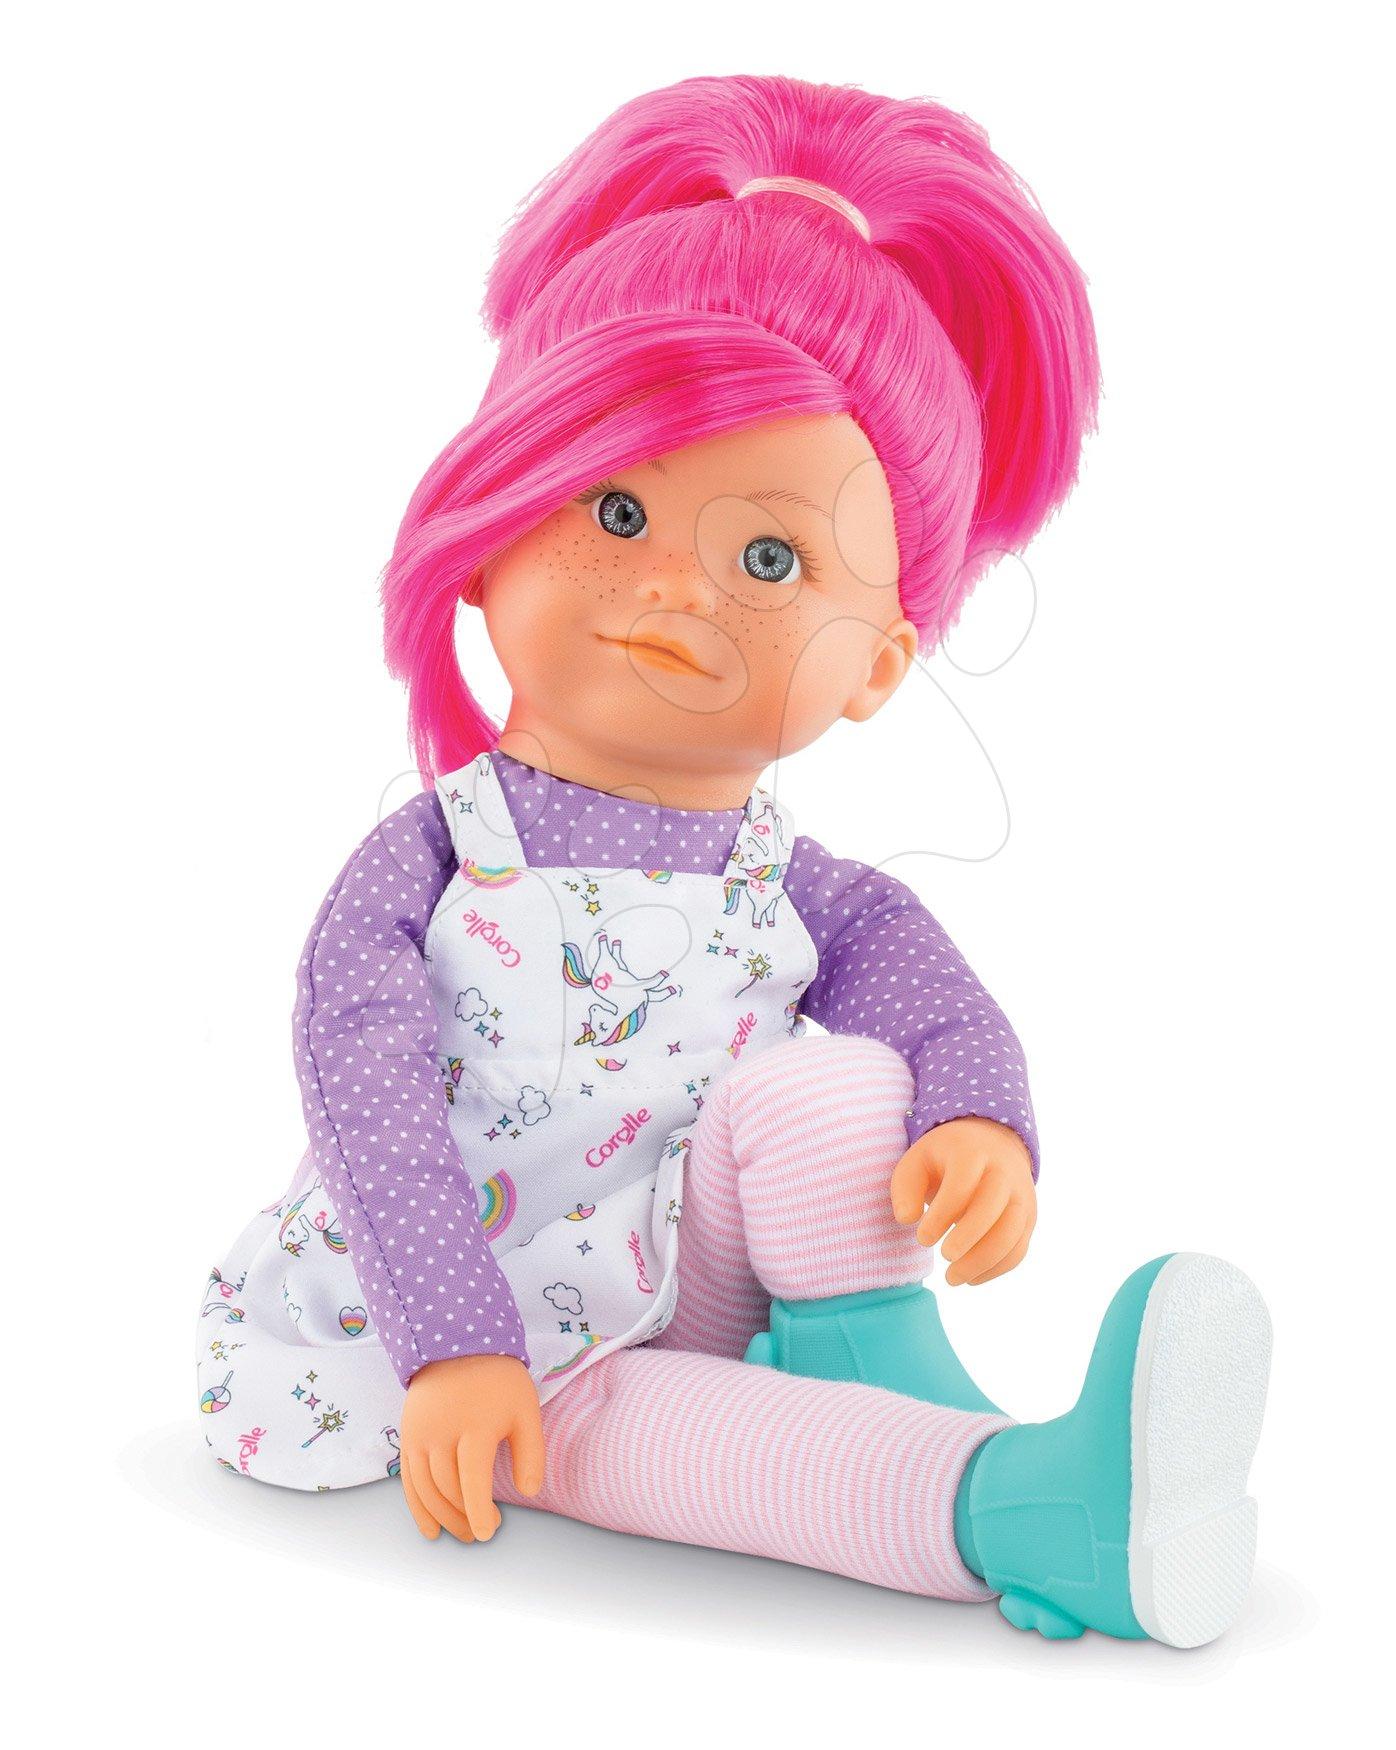 Bábika Nephelie Rainbow Dolls Corolle s hodvábnymi vlasmi a vanilkou ružová 38 cm od 3 rokov